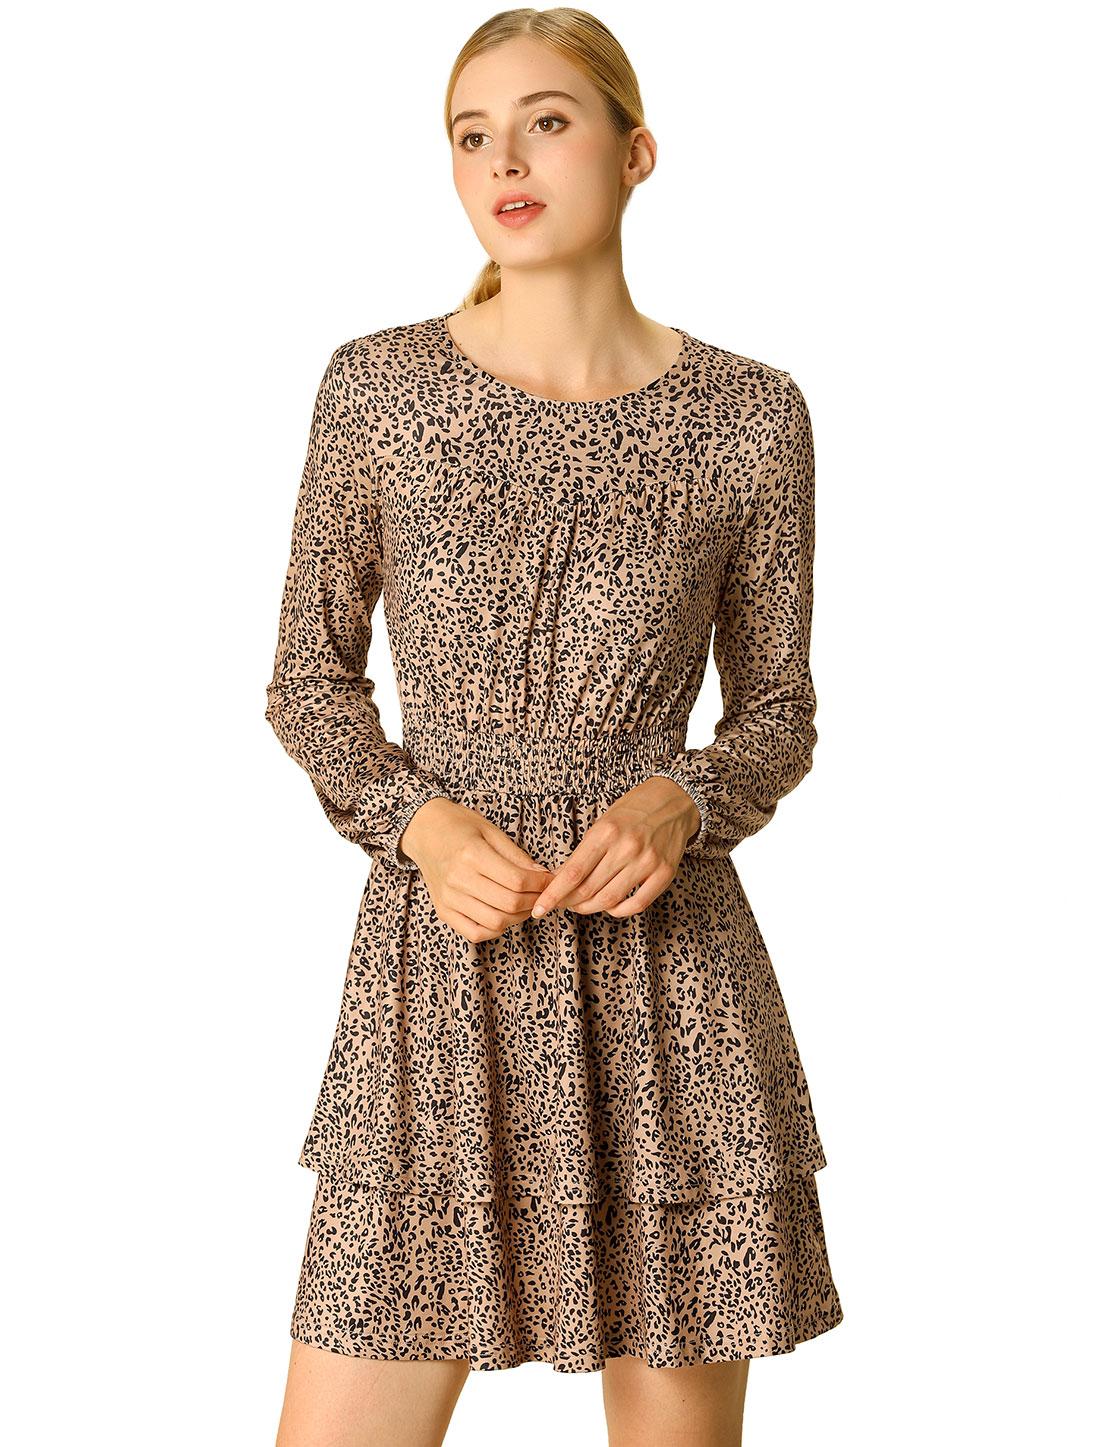 Women's Leopard Long Sleeve Layered Ruffle Hem Dress Light Brown M